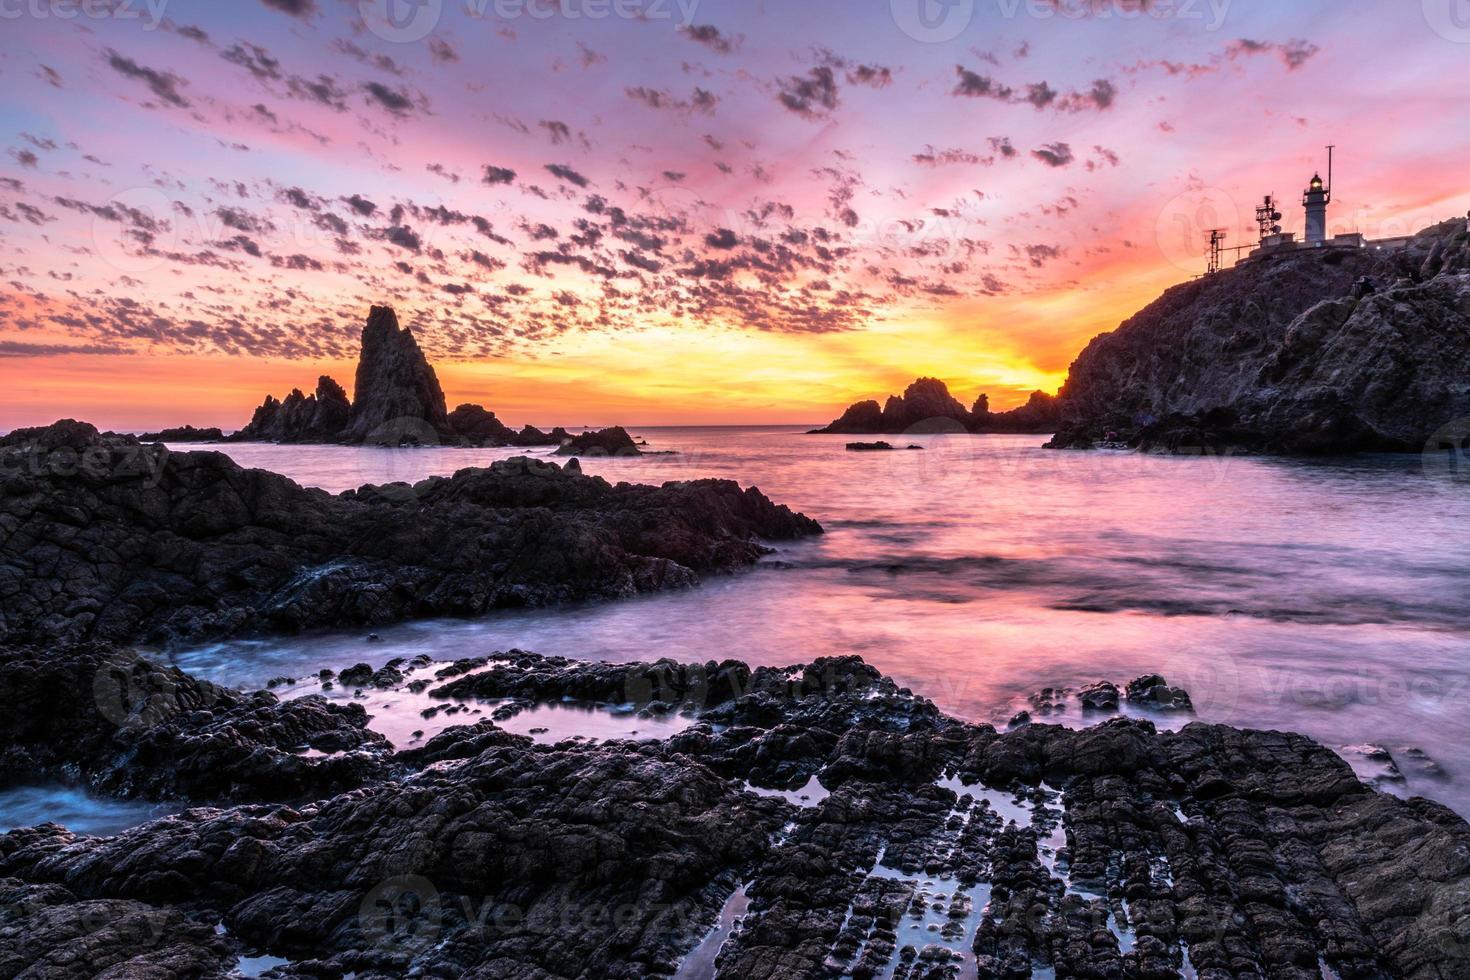 pôr do sol em uma bela costa foto